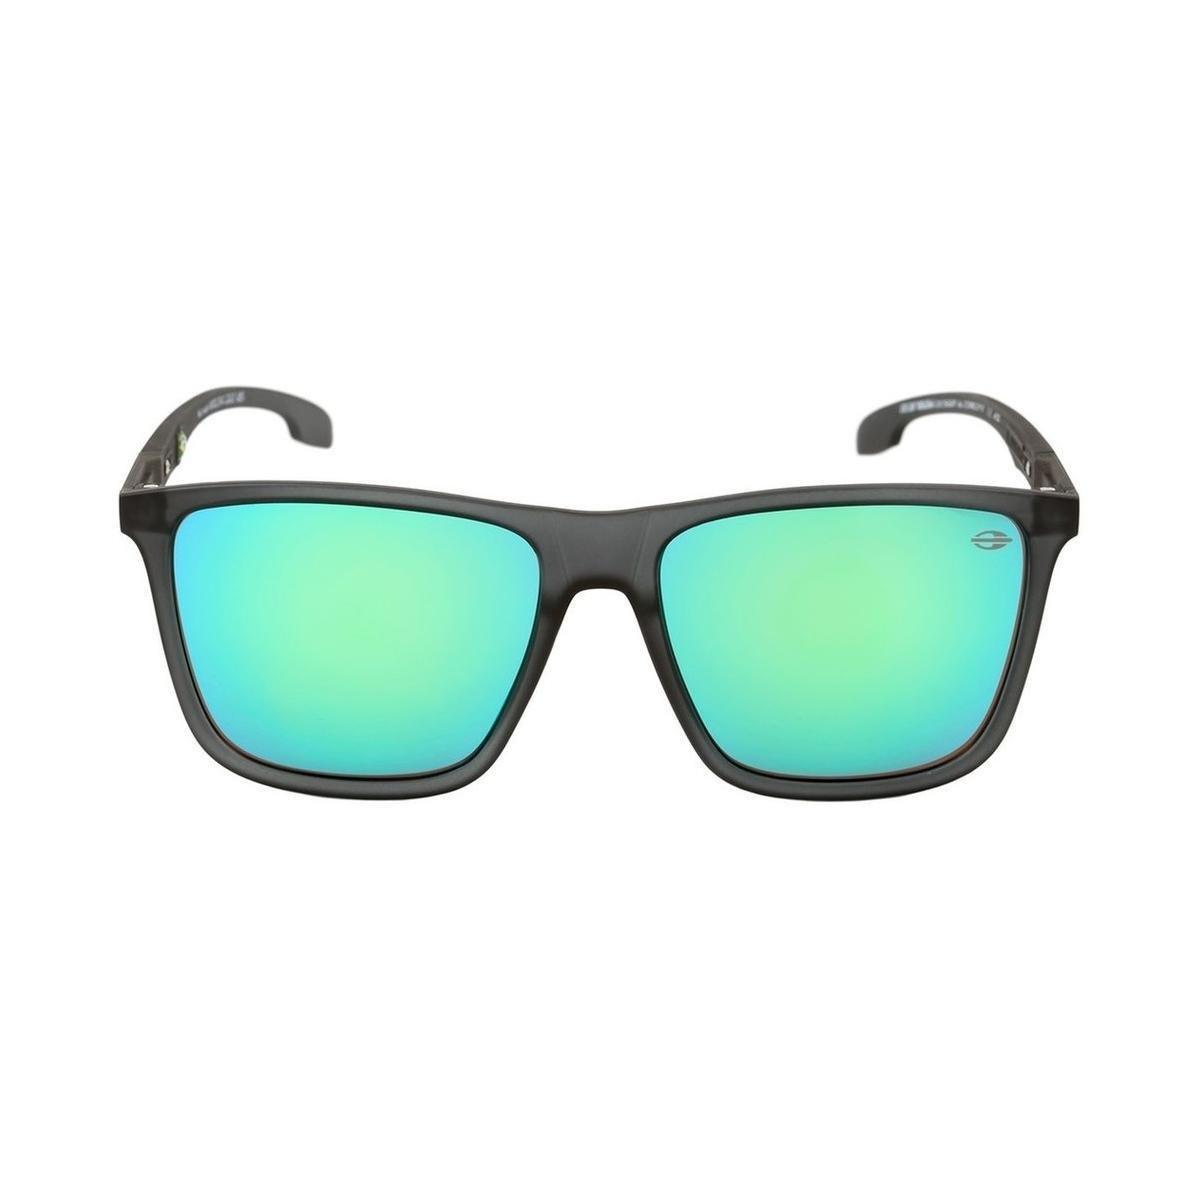 05e0220533b9b Óculos Mormaii Hawaii - Verde - Compre Agora   Netshoes